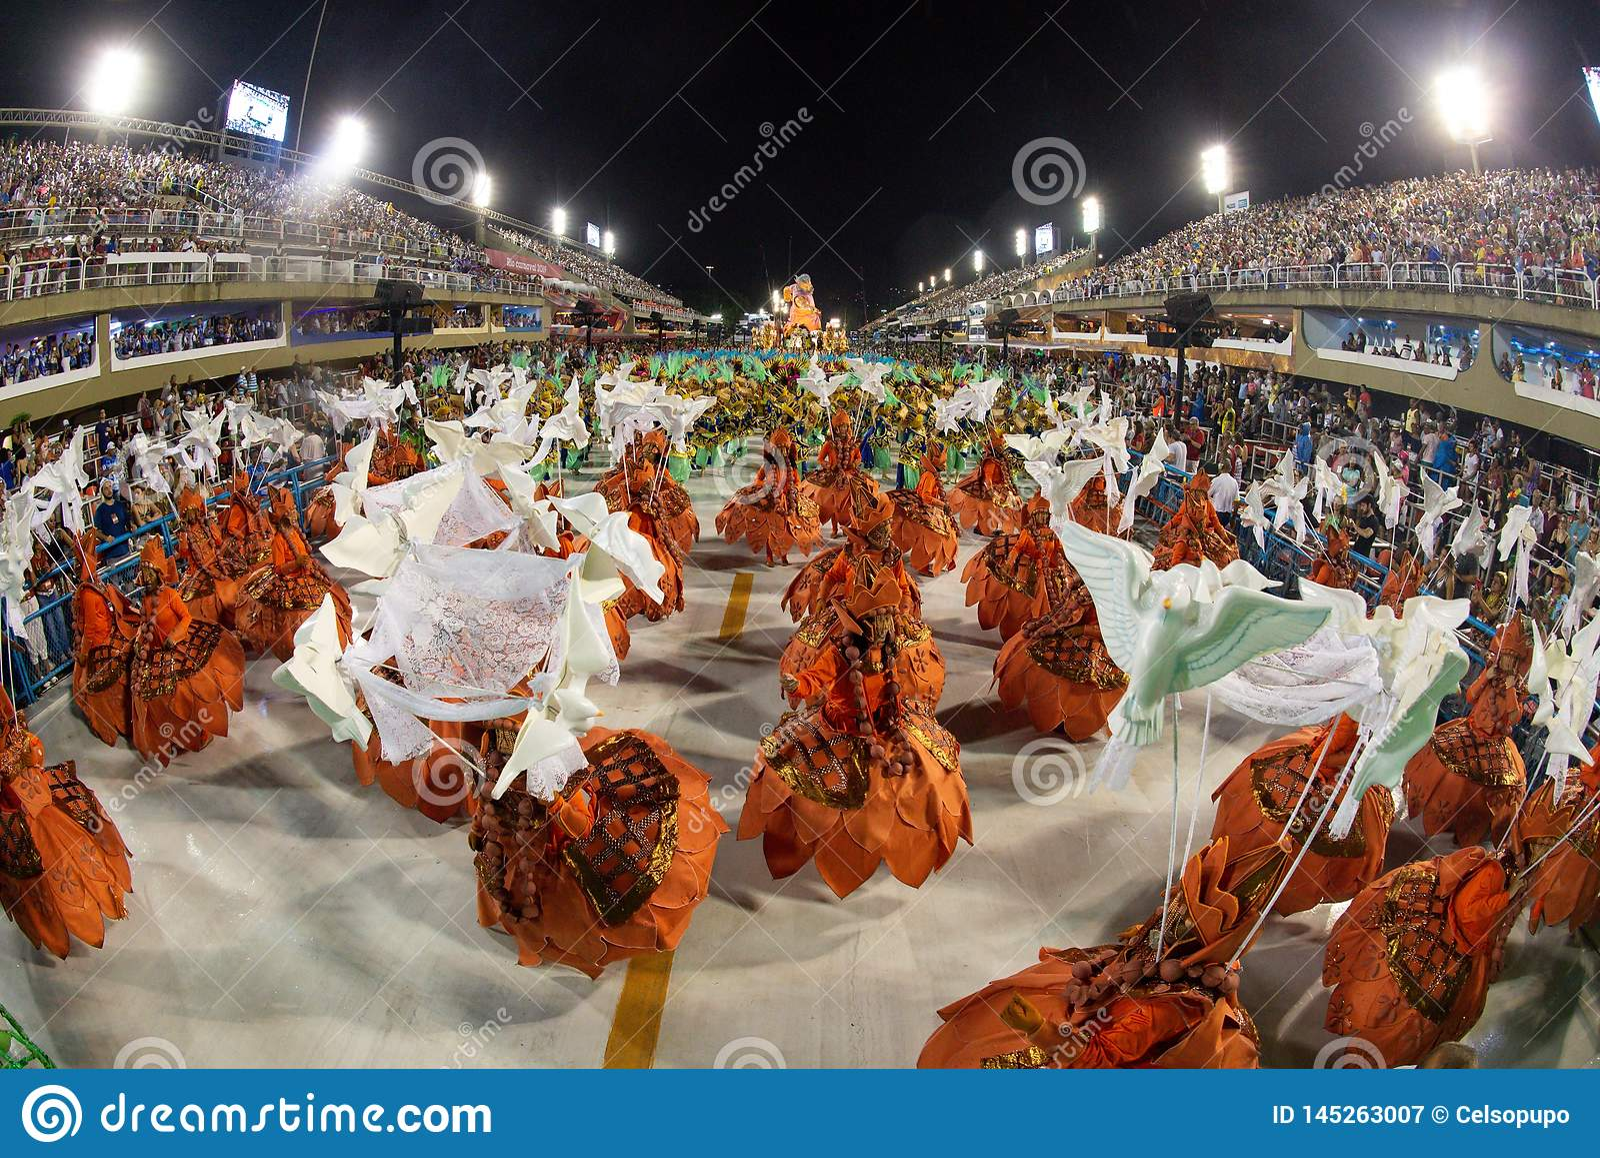 Carnival 2019 - Imperio Serrano